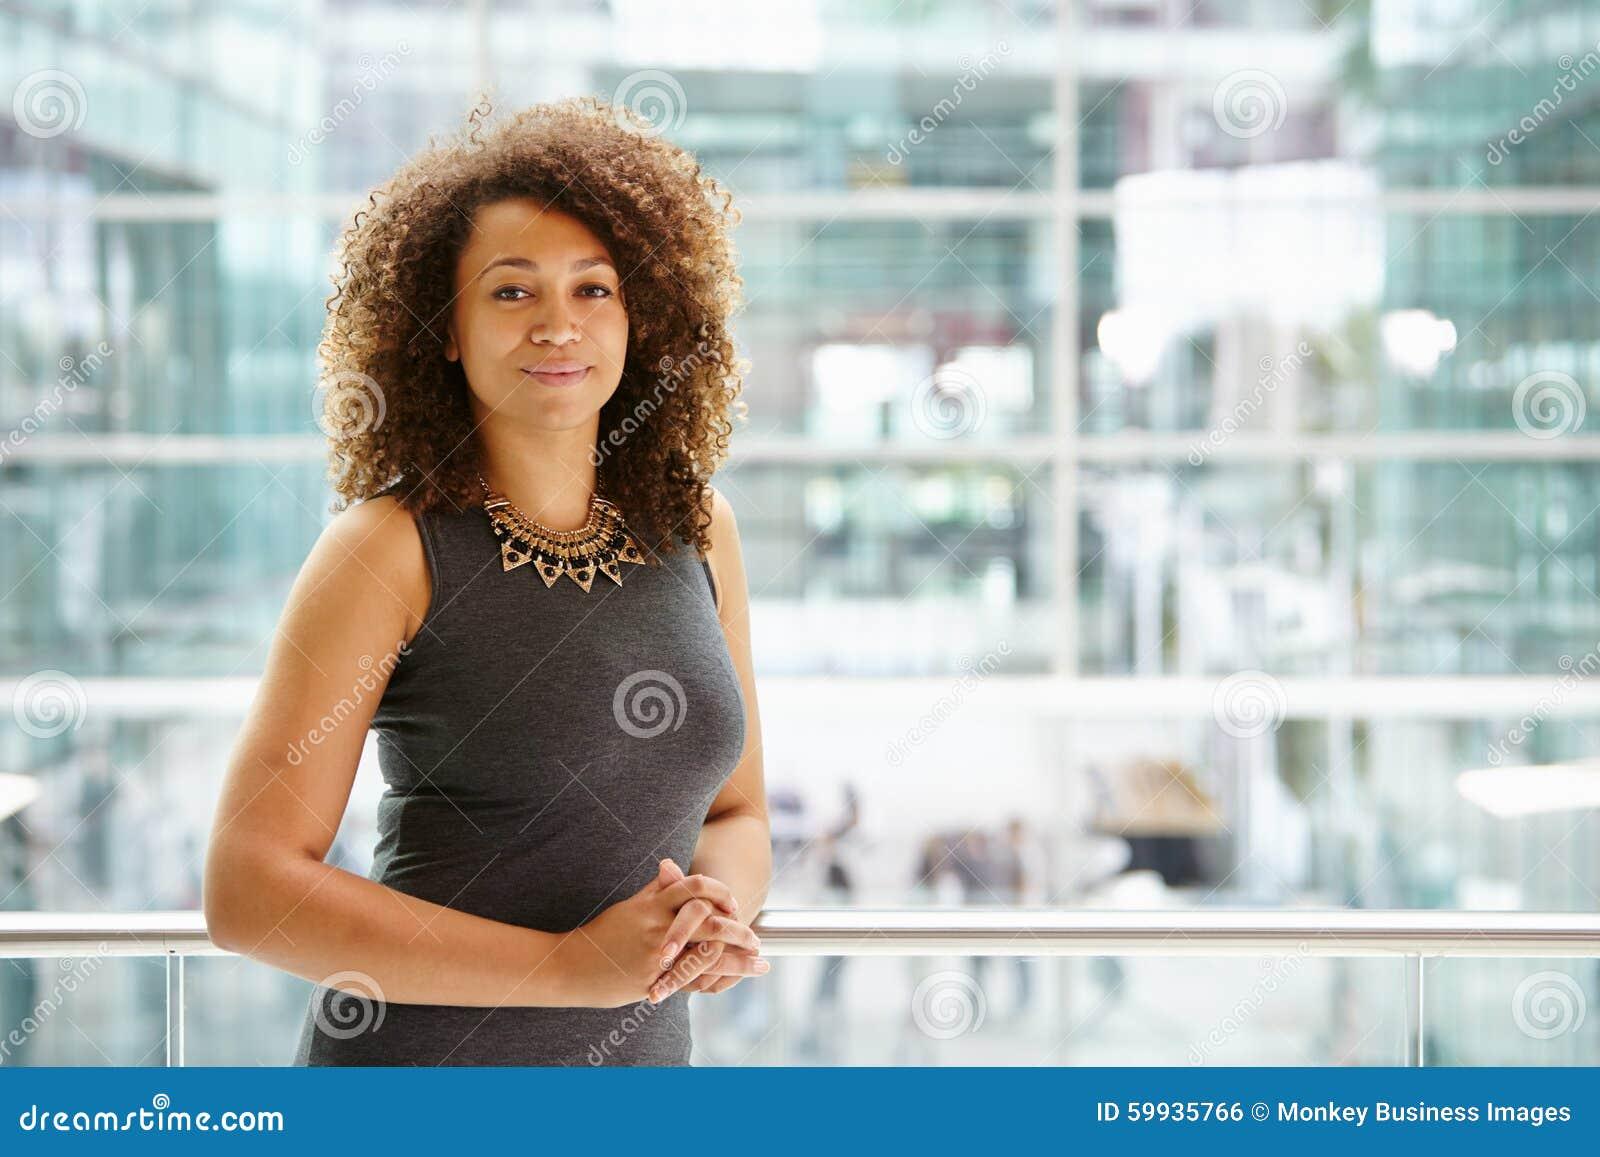 Retrato afro-americano da mulher de negócios, cintura acima